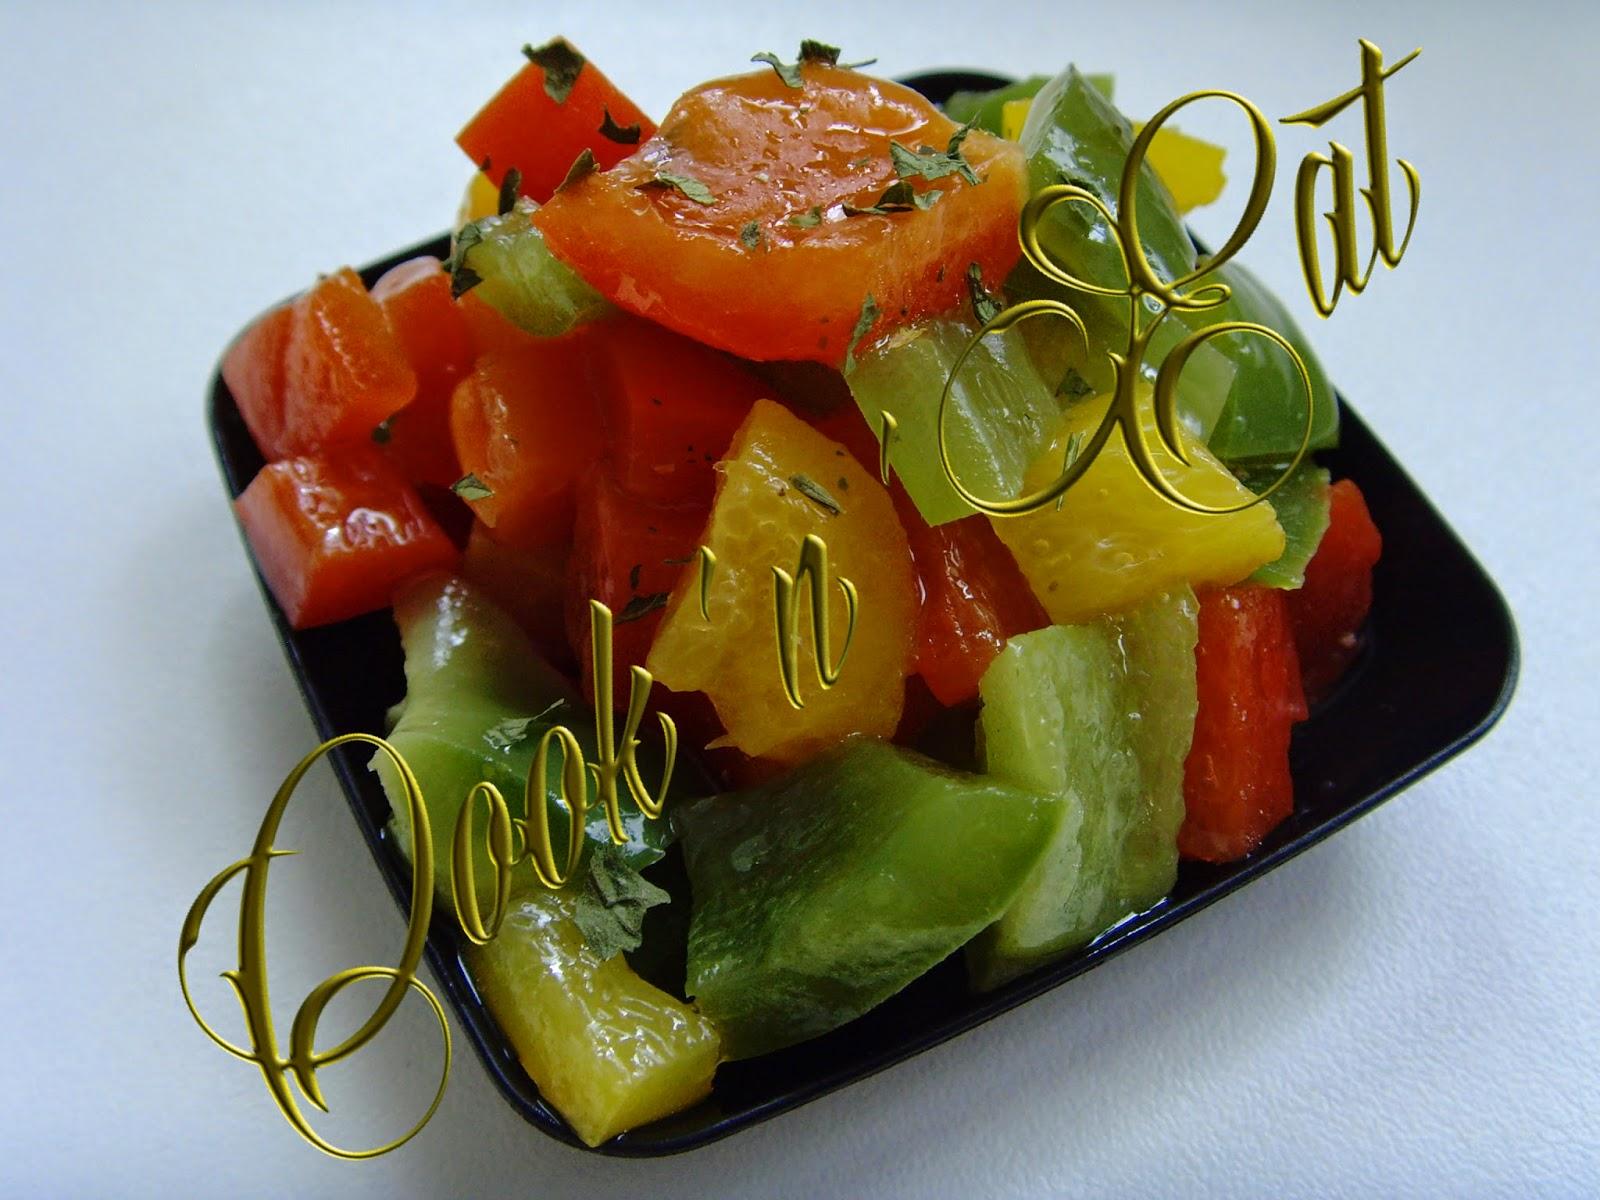 Cook 39 n 39 eat recette de salade de poivrons grill s - Salade de poivrons grilles ...